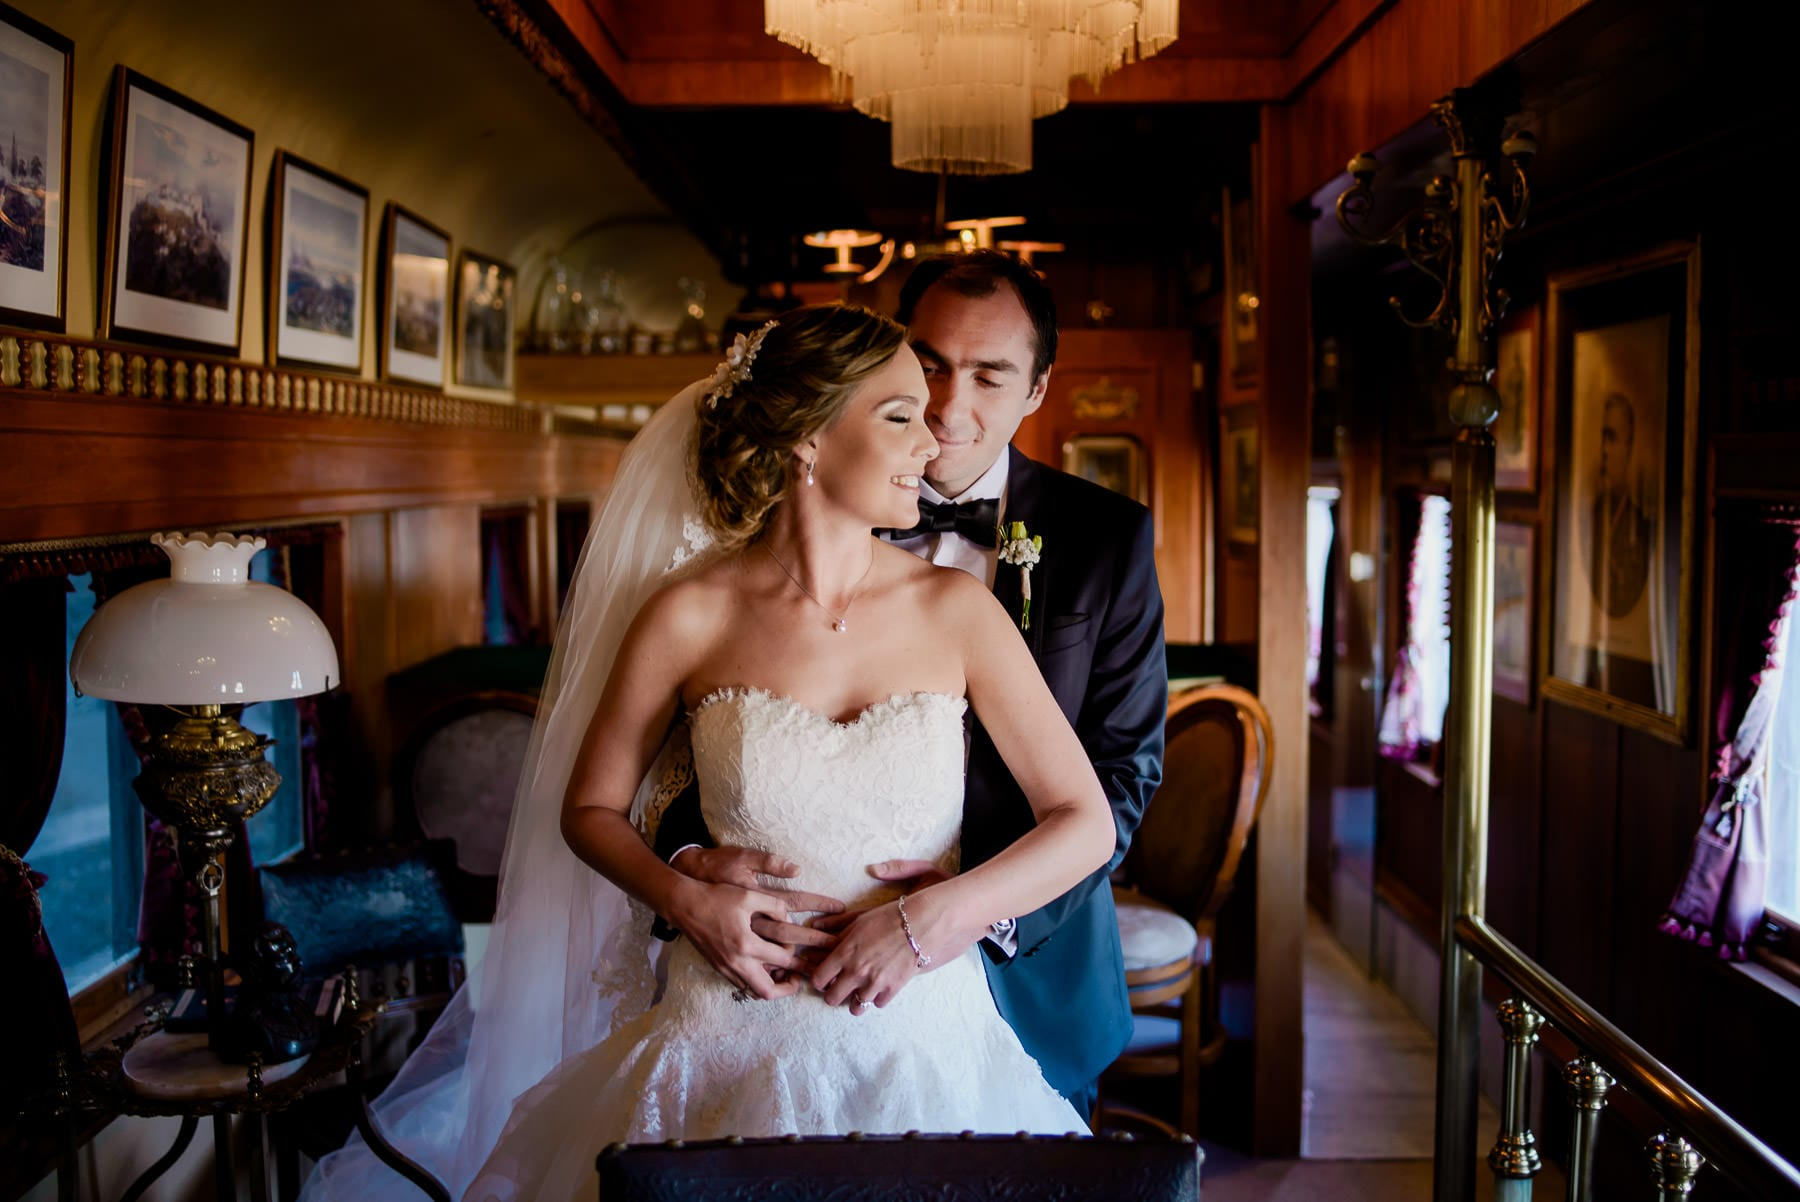 fotografo-de-bodas-en-queretaro-22